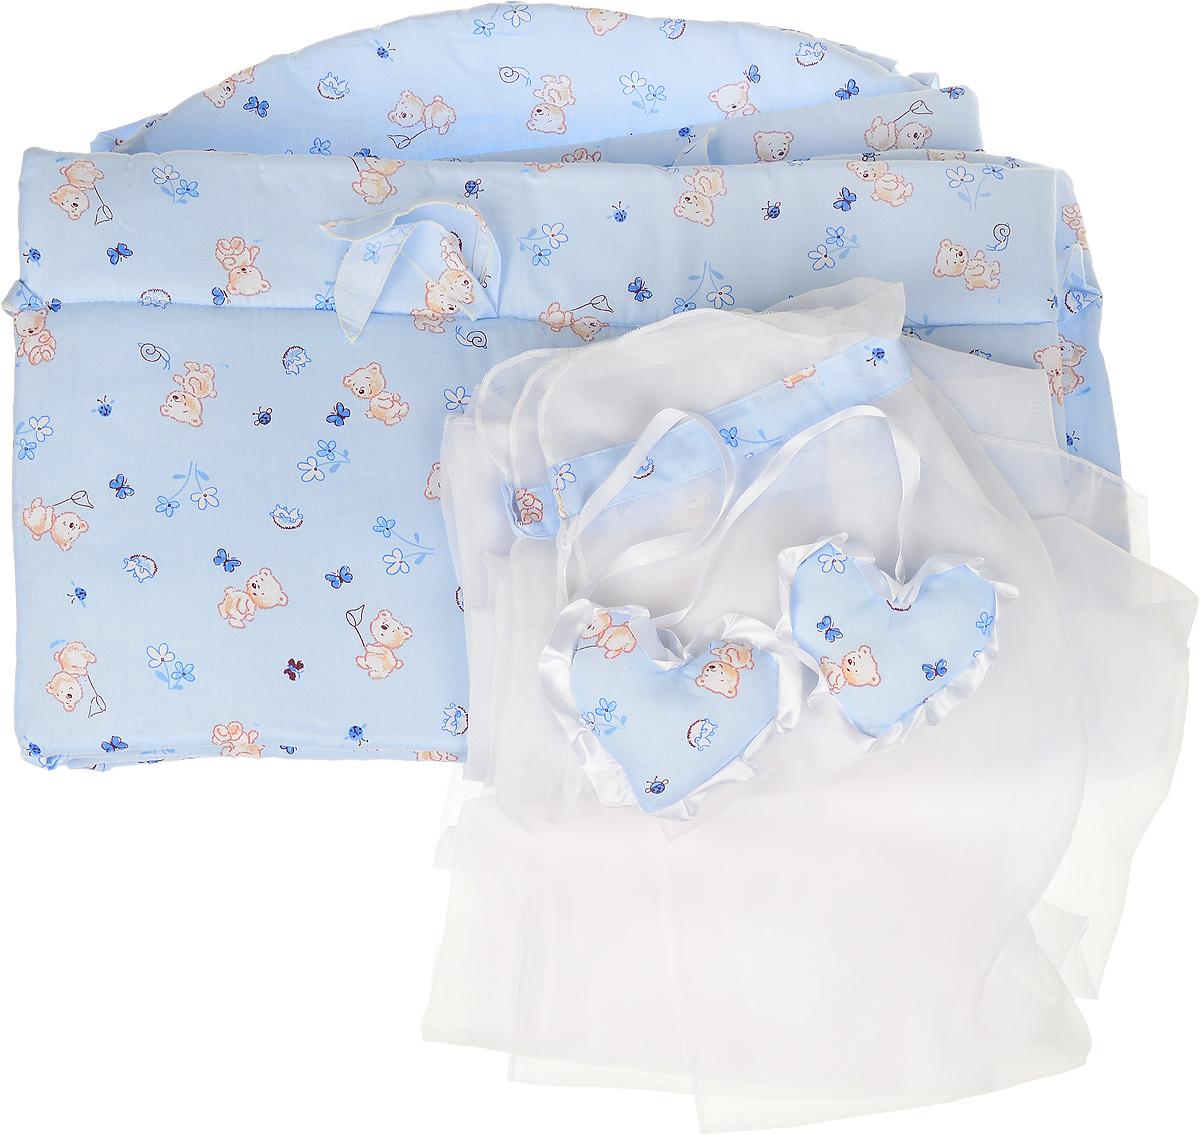 Фея Комплект в кроватку Мишки цвет голубой 2 предмета1047_голубойКомплект в кроватку Фея Мишки состоит из бортика и балдахина. Бортик в кроватку состоит из четырех частей и закрывает весь периметр кроватки. Бортик крепится к кроватке с помощью специальных завязок, благодаря чему его можно поместить в любую детскую кроватку. Бортик выполнен из натурального хлопка безупречной выделки. Деликатные швы рассчитаны на прикосновение к нежной коже ребенка. Борт оформлен изображениями забавных плюшевых медвежат. Балдахин, выполненный из полиэстера, может использоваться как для люльки, так и для кроватки. Сверху балдахин декорирован вставкой из хлопка с рисунком. Изделие оснащено двумя атласными лентами с мягкими игрушками в виде сердец на концах. Ленты завязываются на бант.